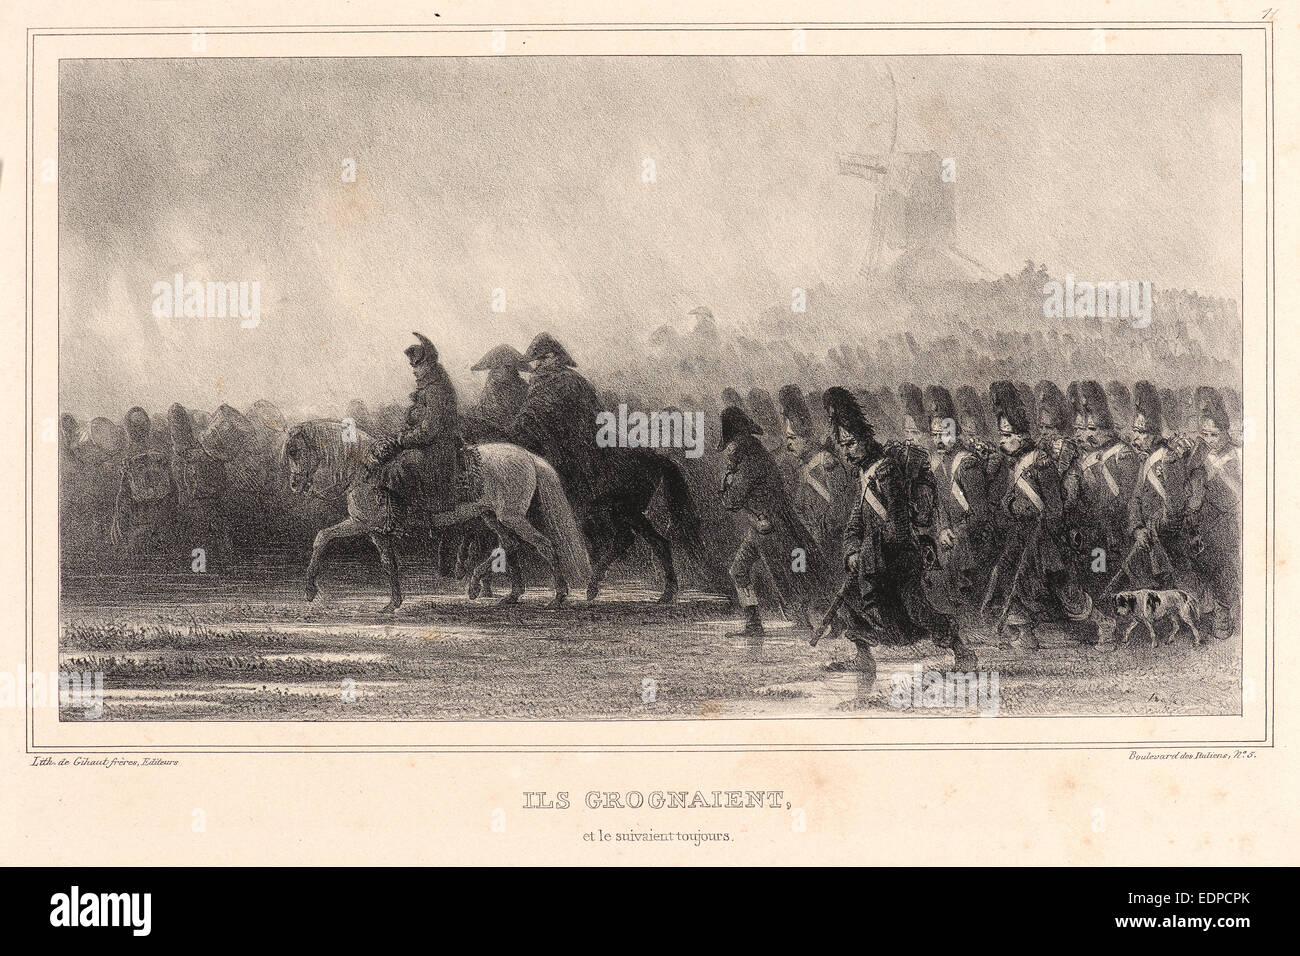 Auguste Raffet (French, 1804 - 1860). Ils grognaient, et le suivaient toujours!, 1836. Lithograph - Stock Image